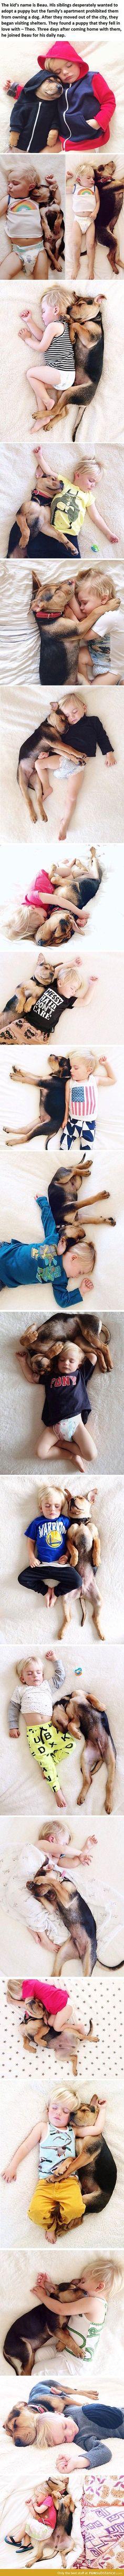 Preciosas imágenes de un peque durmiendo con su mascota